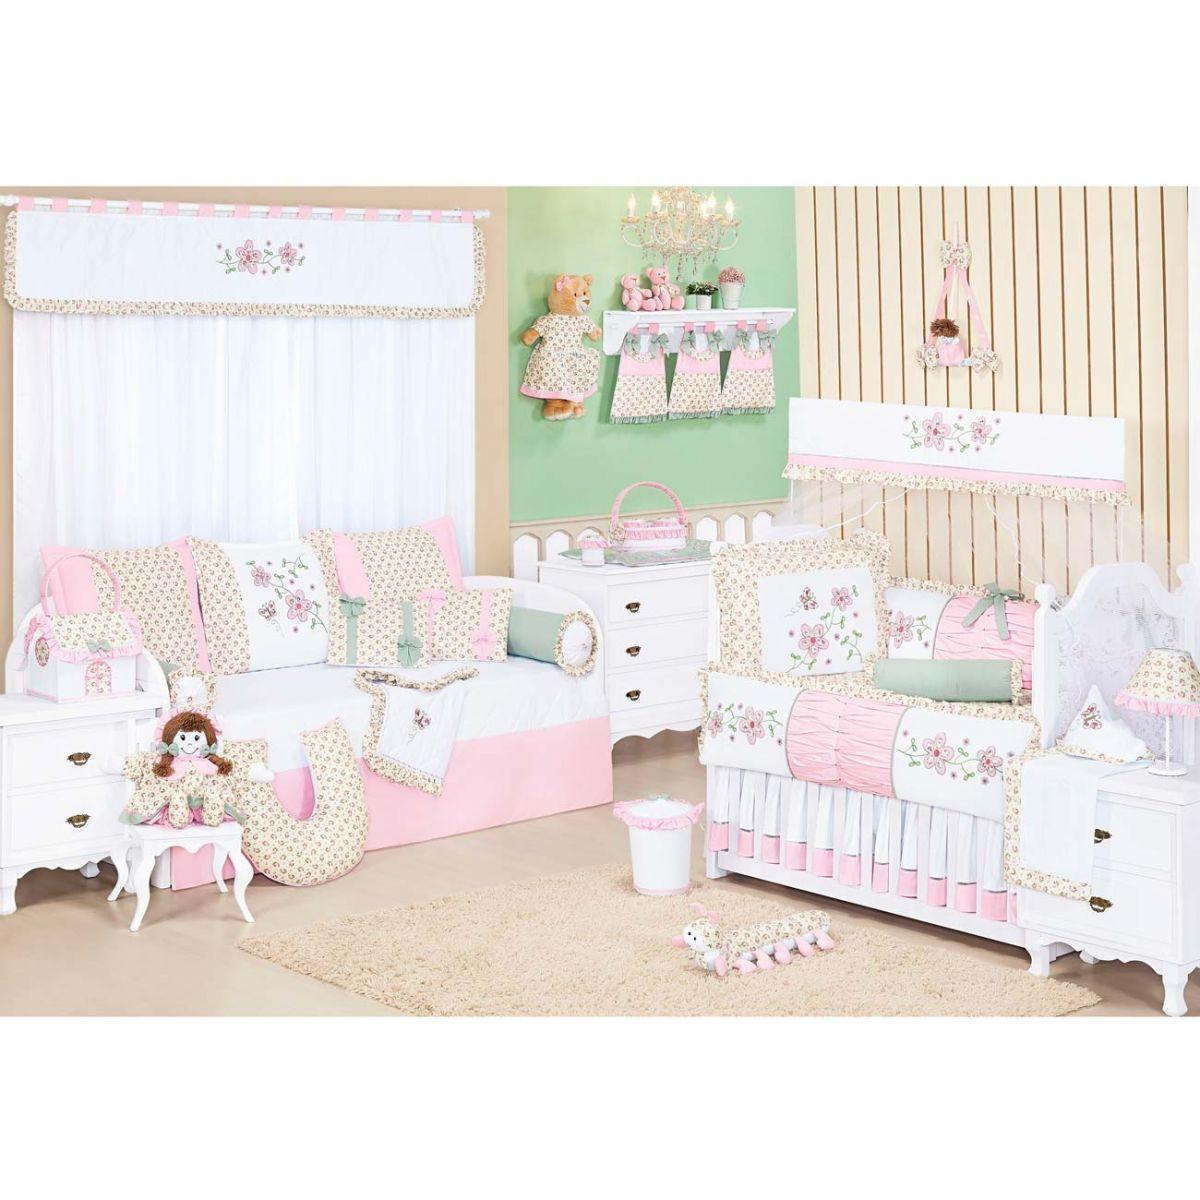 Enfeite Decorativo Urso G Coleção Baby Florence 30cm - Rosa